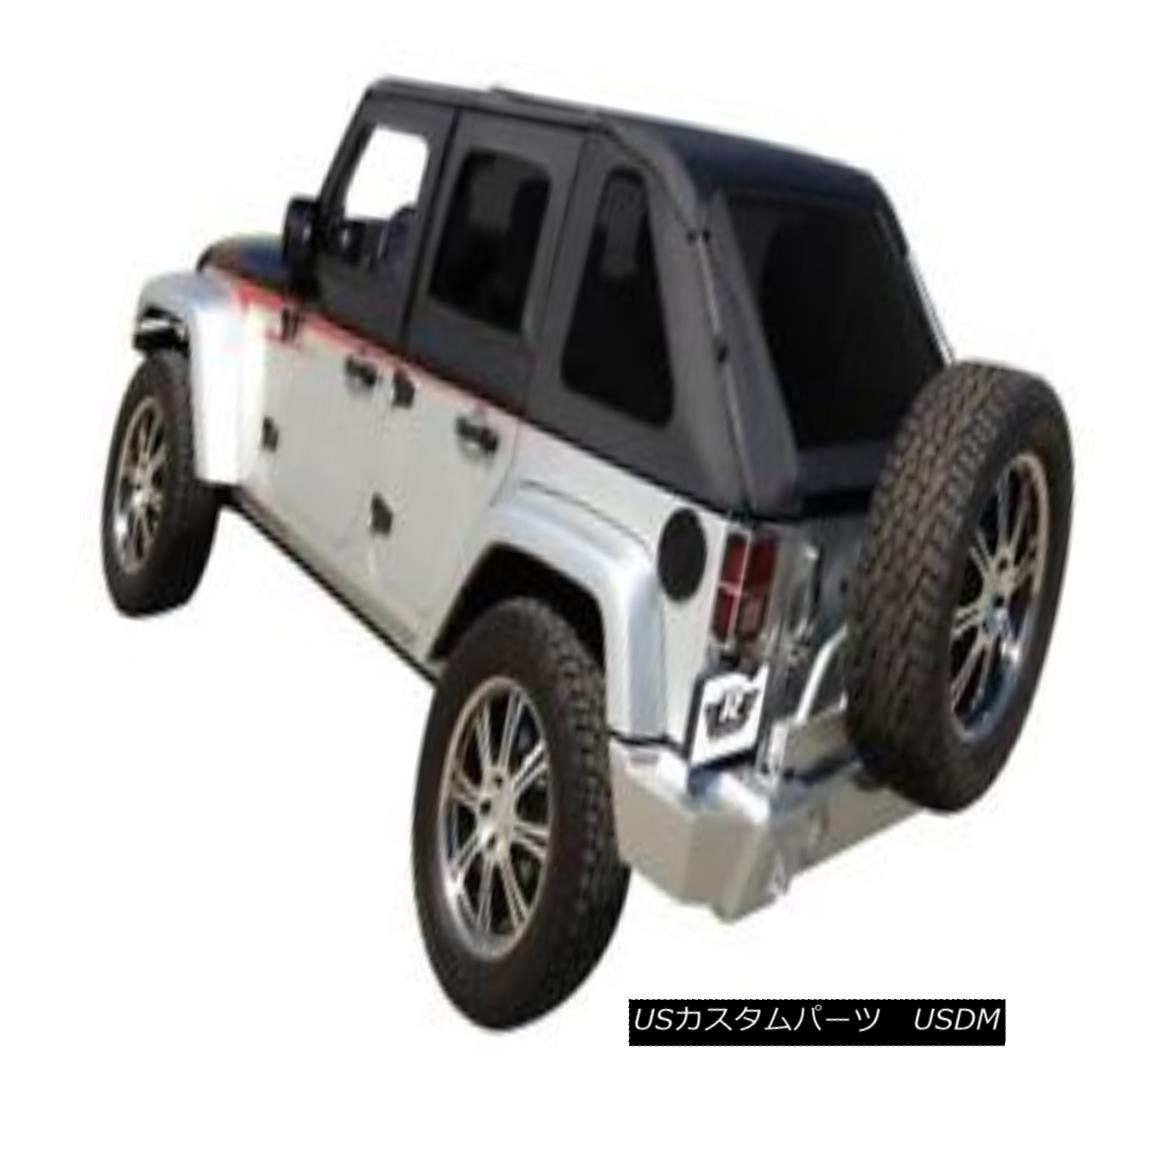 幌・ソフトトップ Rampage - Black Diamond Frameless Soft Top Kit-109835 ランペイジ - ブラックダイヤモンドフレームレスソフトトップキット - 109835